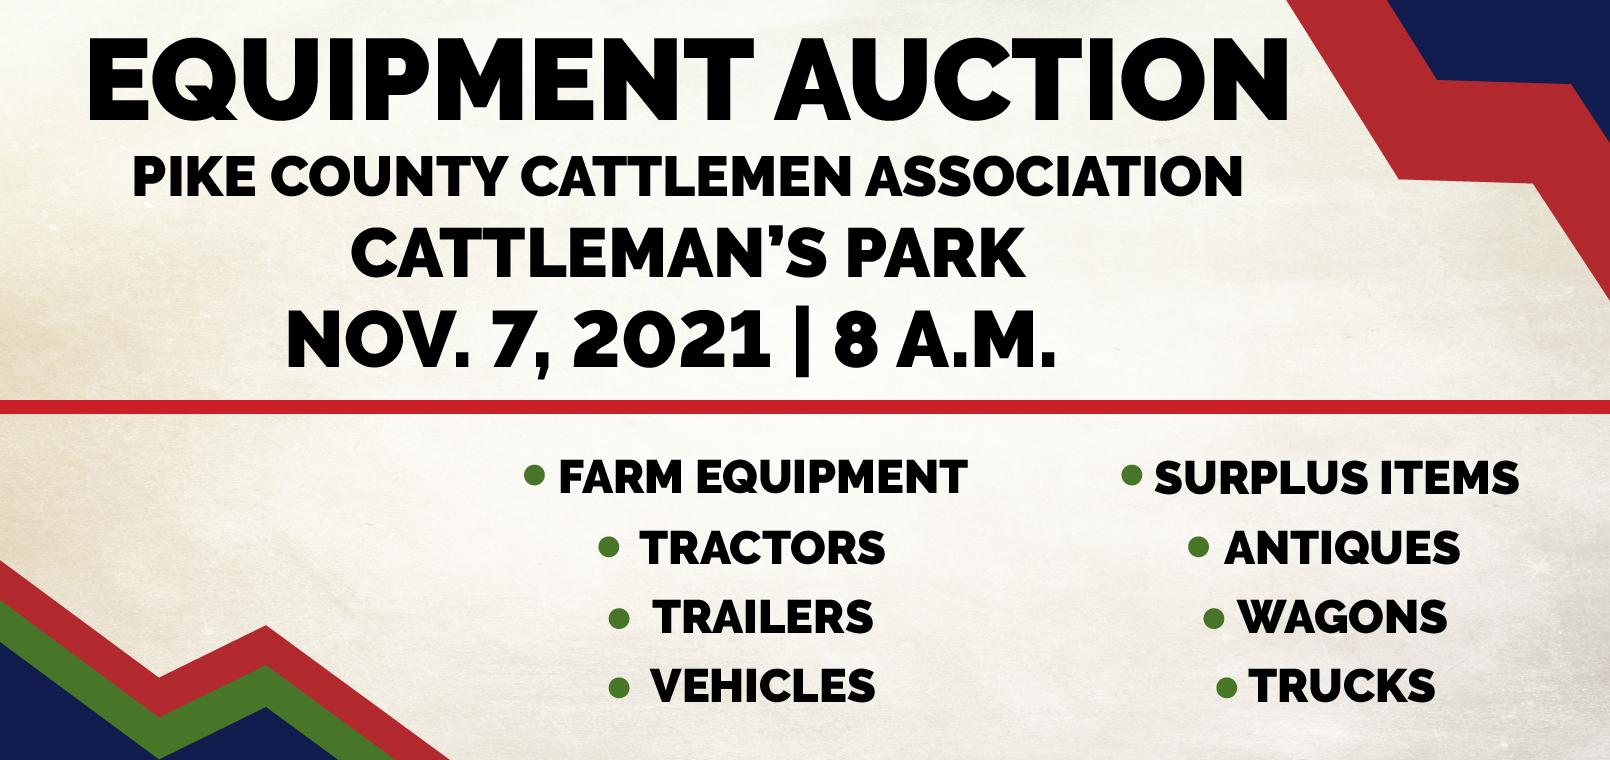 pike county cattlemen s association cattleman park troy alabama pike county cattlemen s association